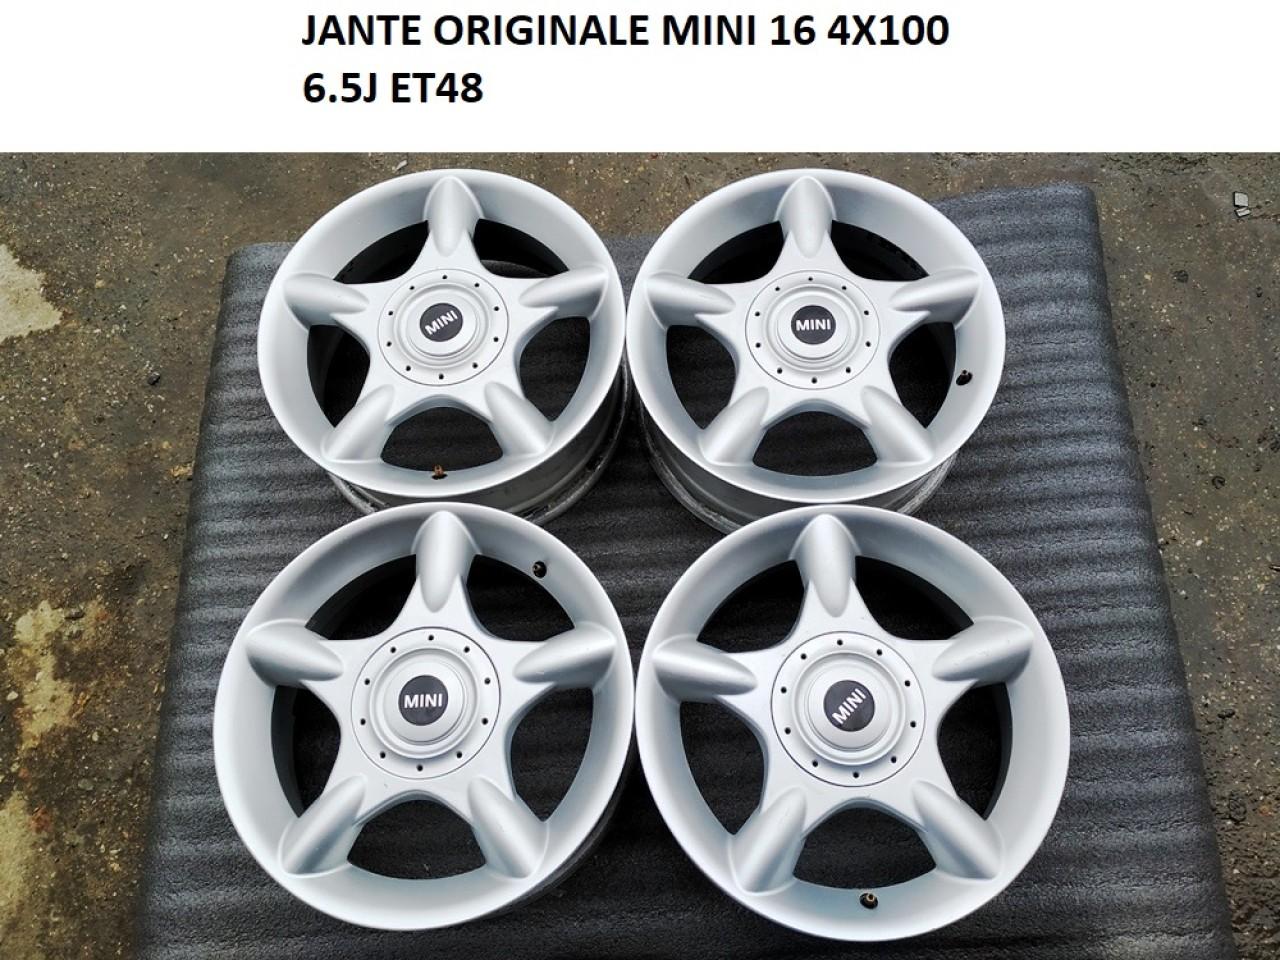 JANTE MINI 16 4X100